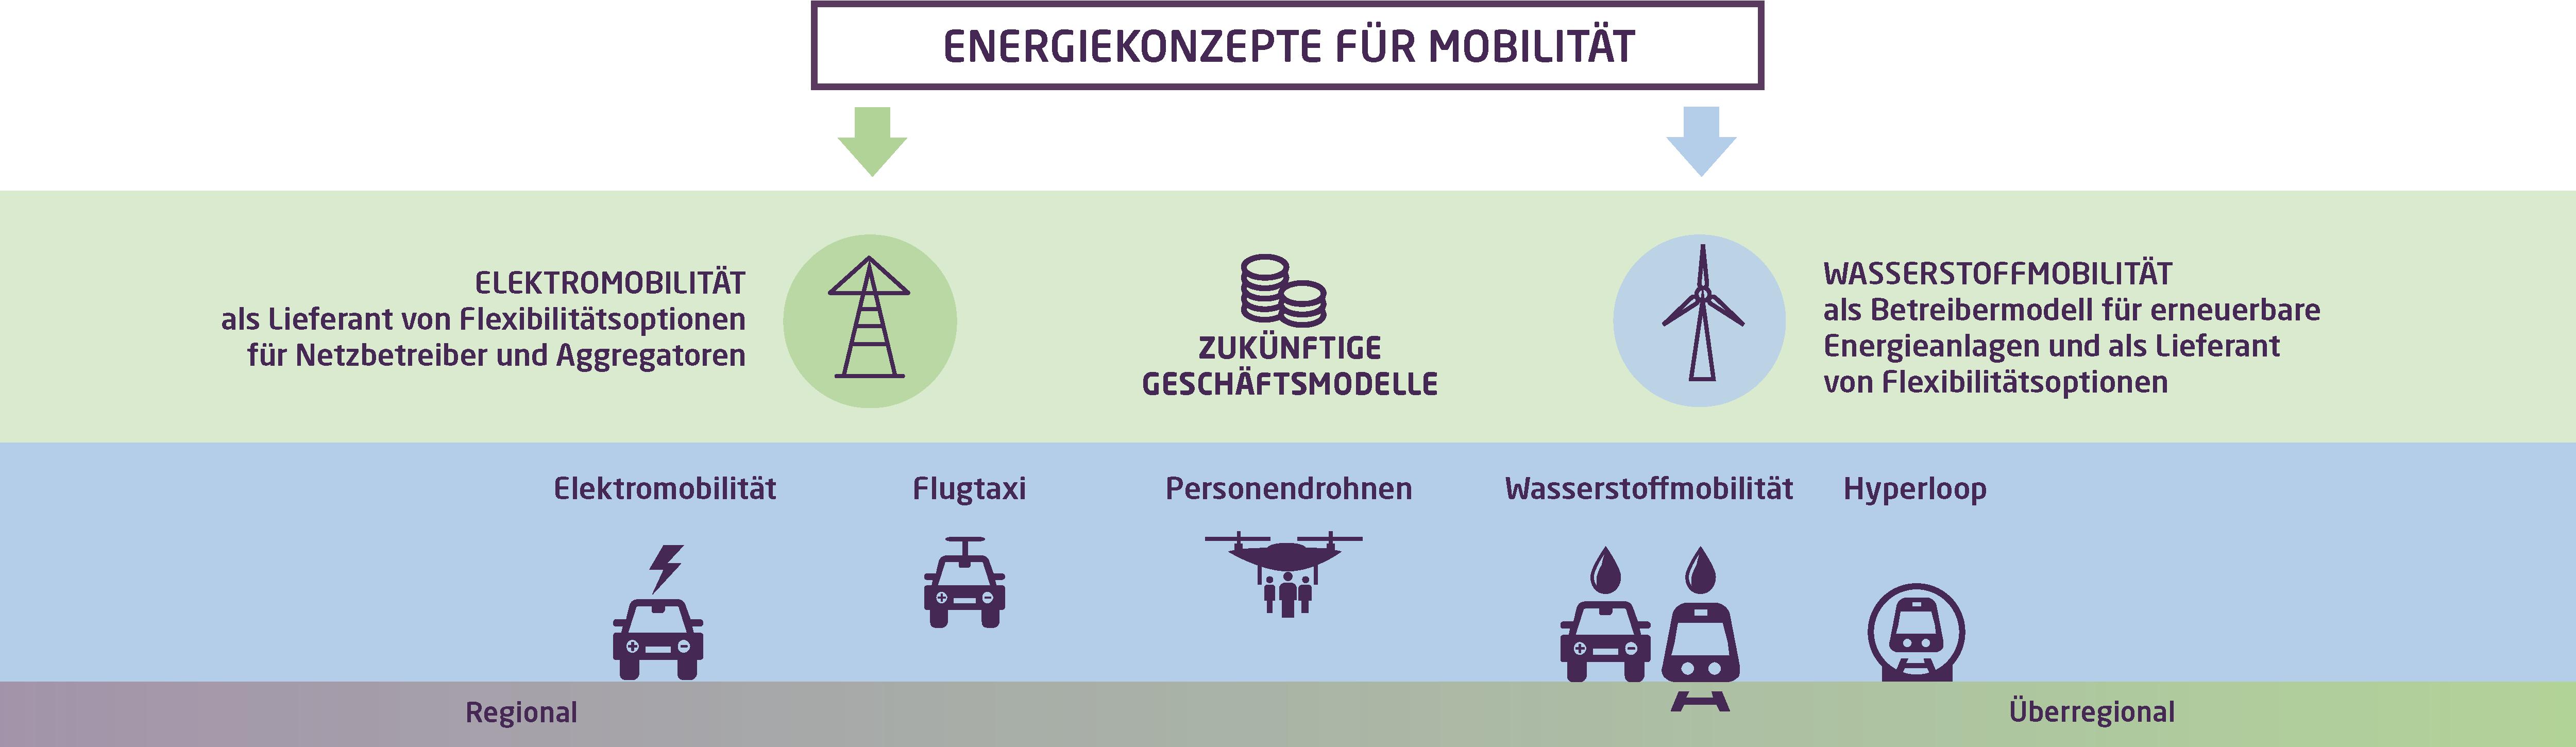 Die Grafik zeigt, eine Übersicht verschiedener Energiekonzepte, die bei der Mobilität in Zukunft eine tragende Rolle einnehmen könnten.